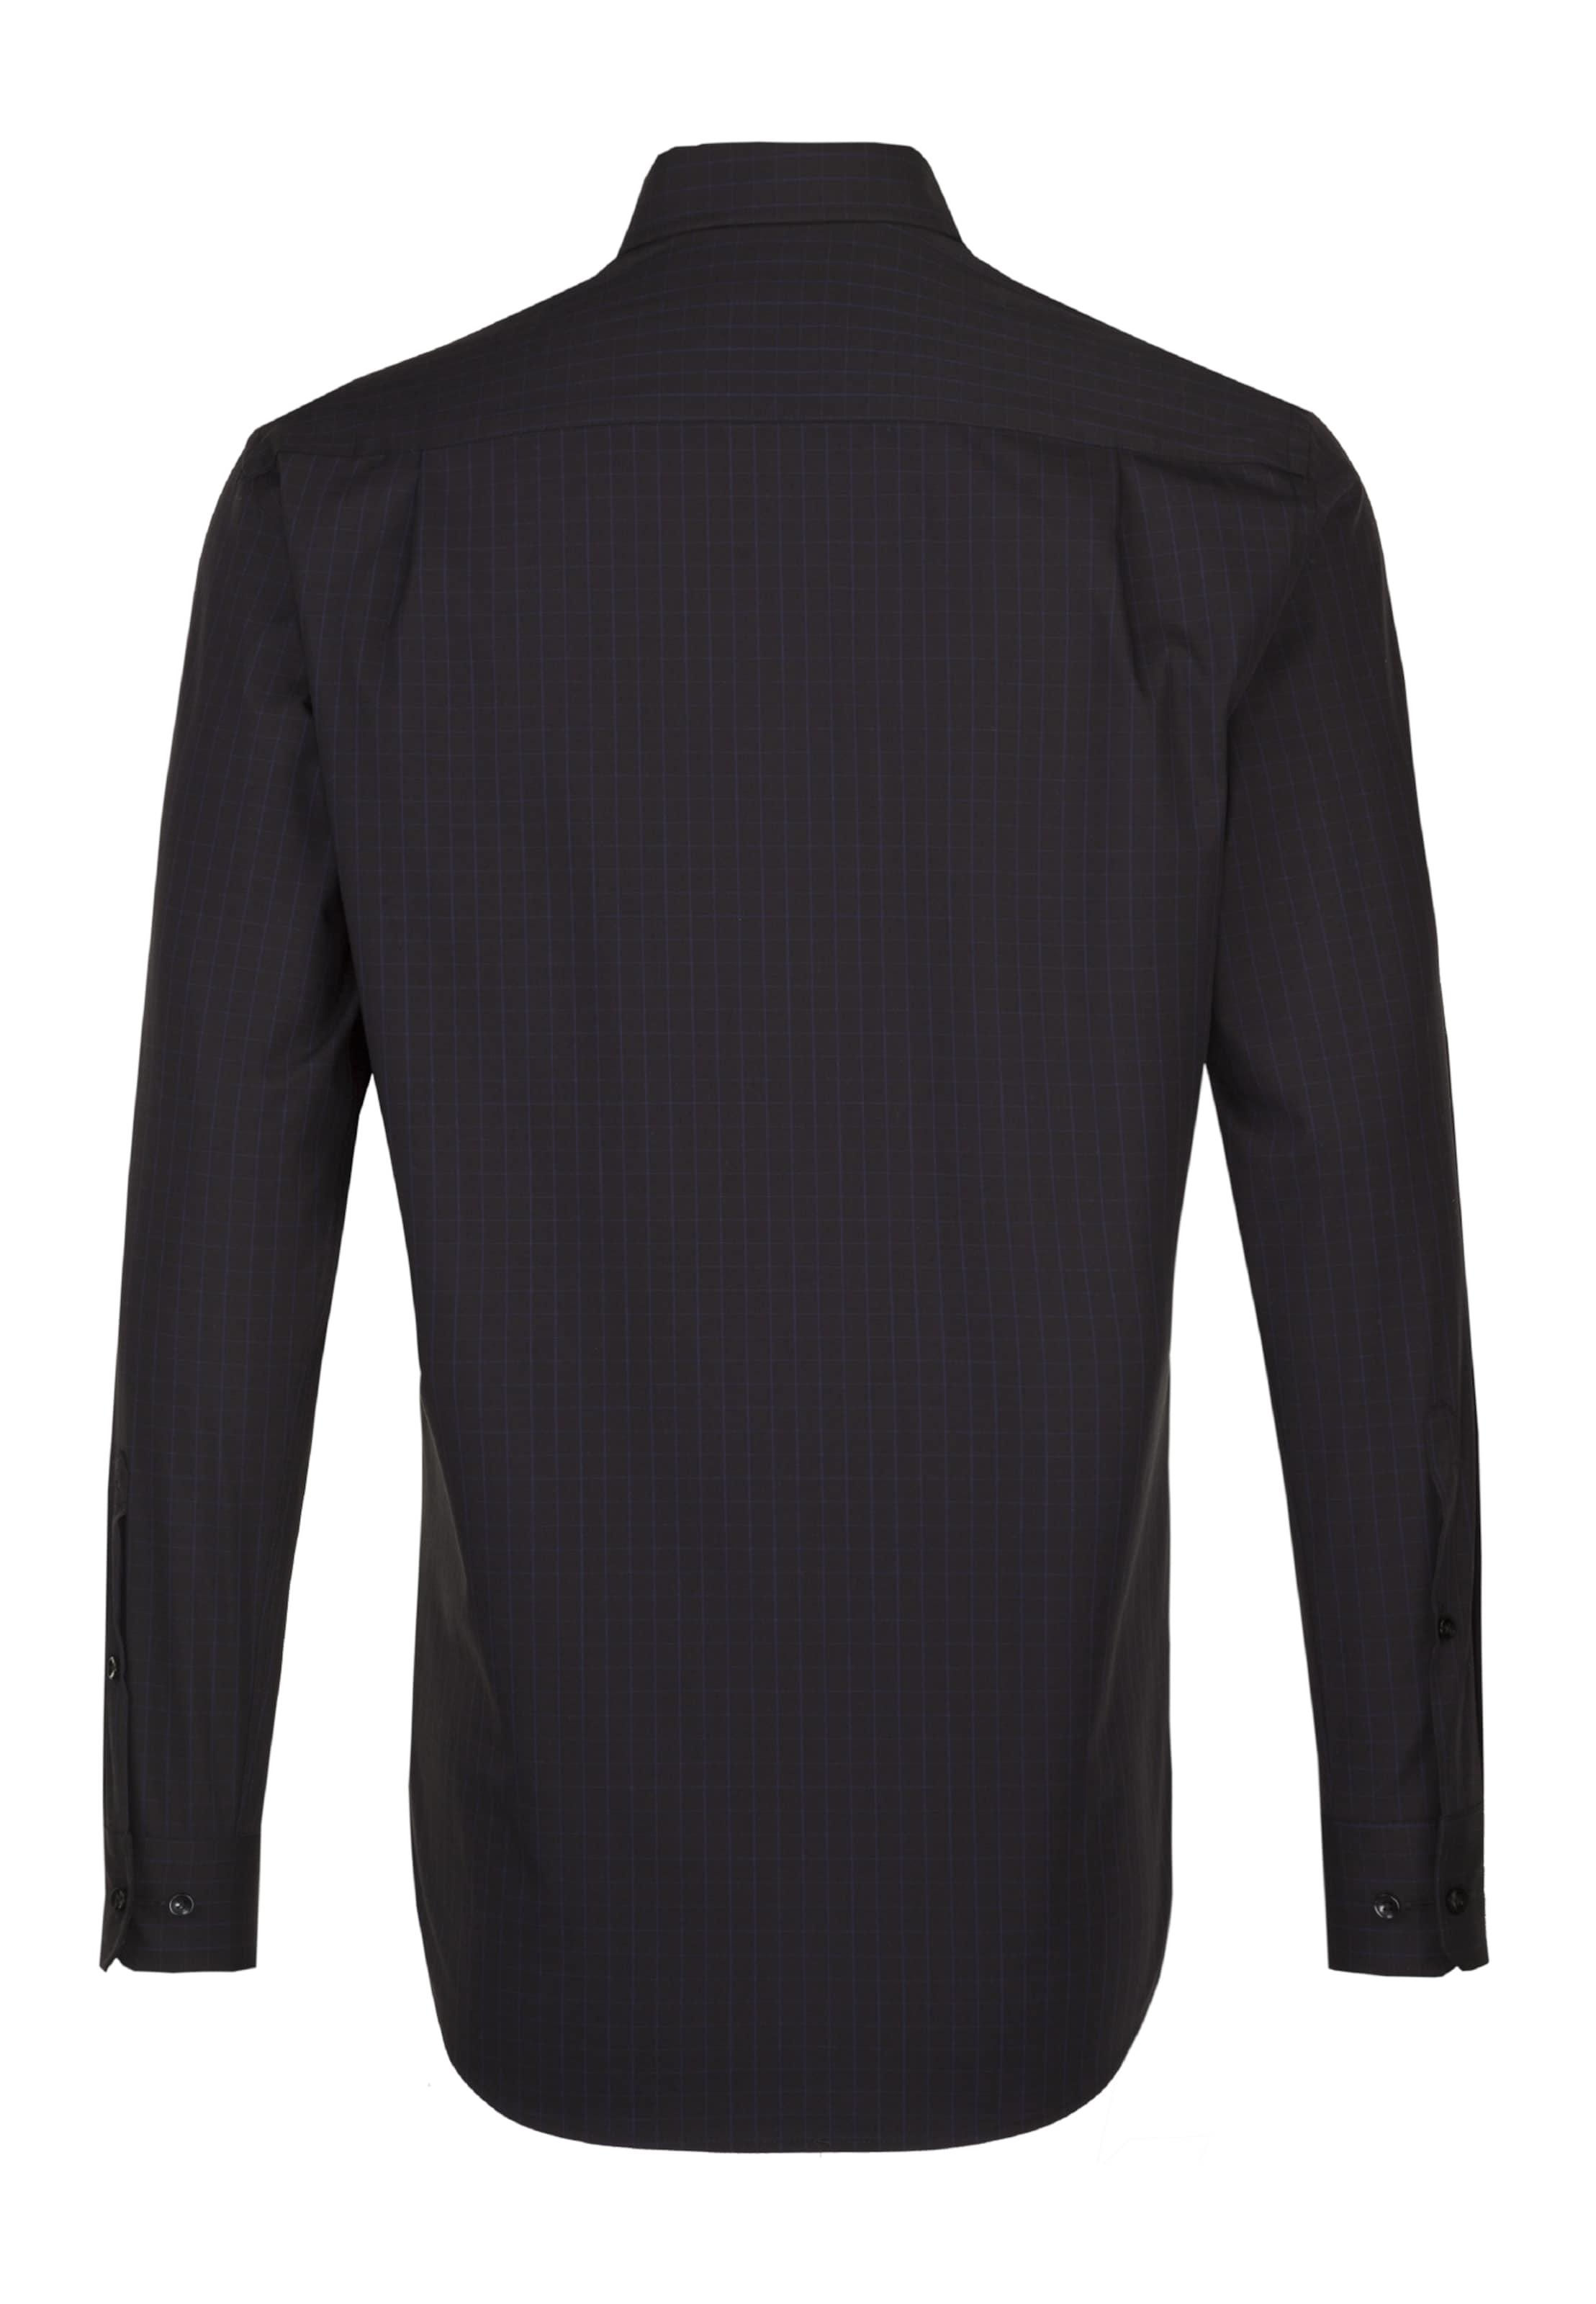 SEIDENSTICKER City-Hemd ' Modern ' Verkaufspreise Billig Wie Viel Freies Verschiffen Erschwinglich Für Günstig Online Sammlungen Zum Verkauf mT87pWR